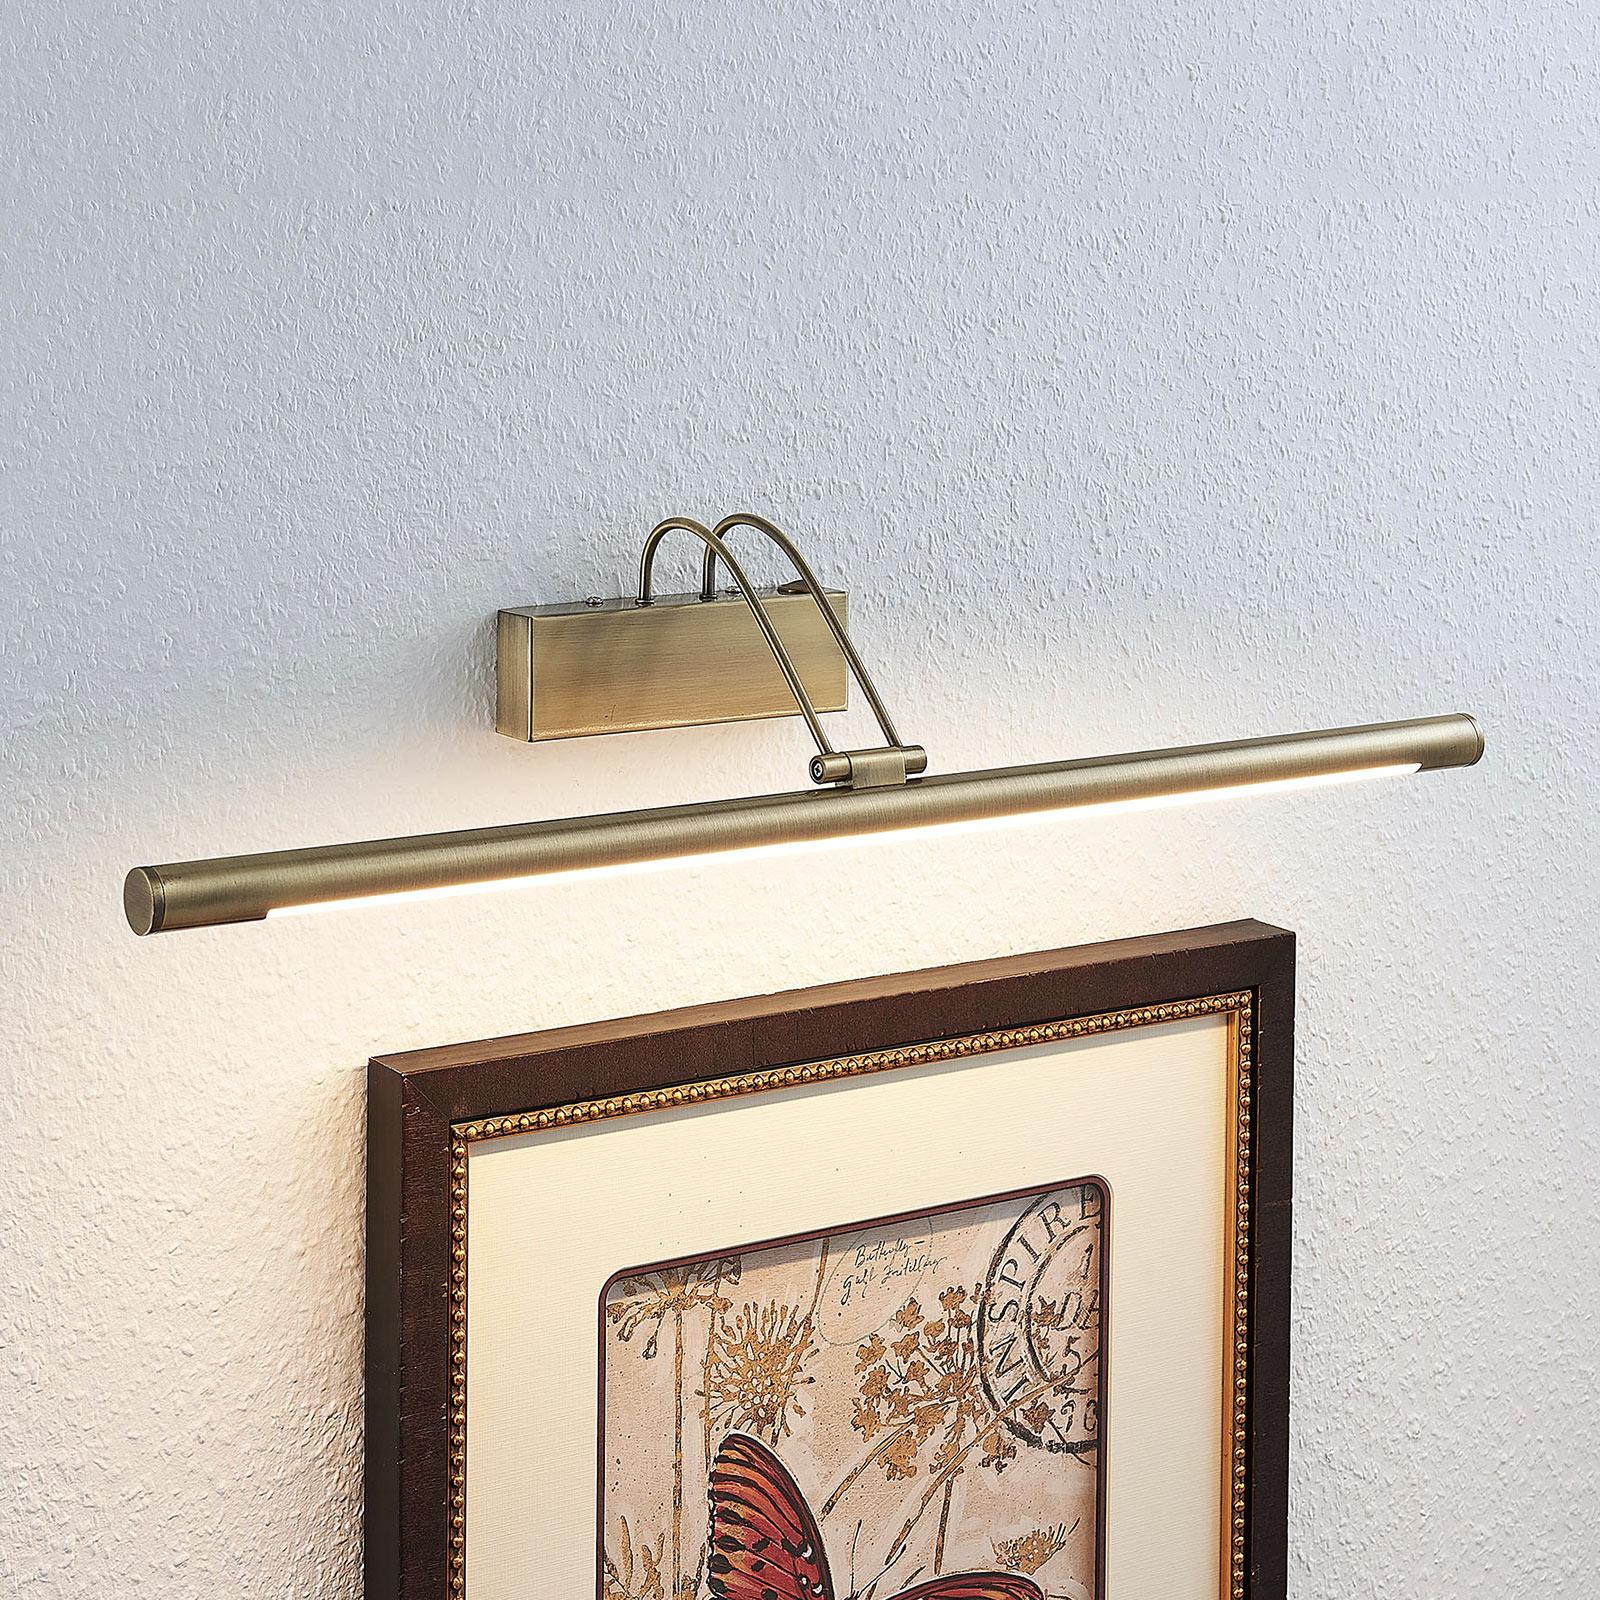 LED-Bilderleuchte Mailine mit Schalter, altmessing